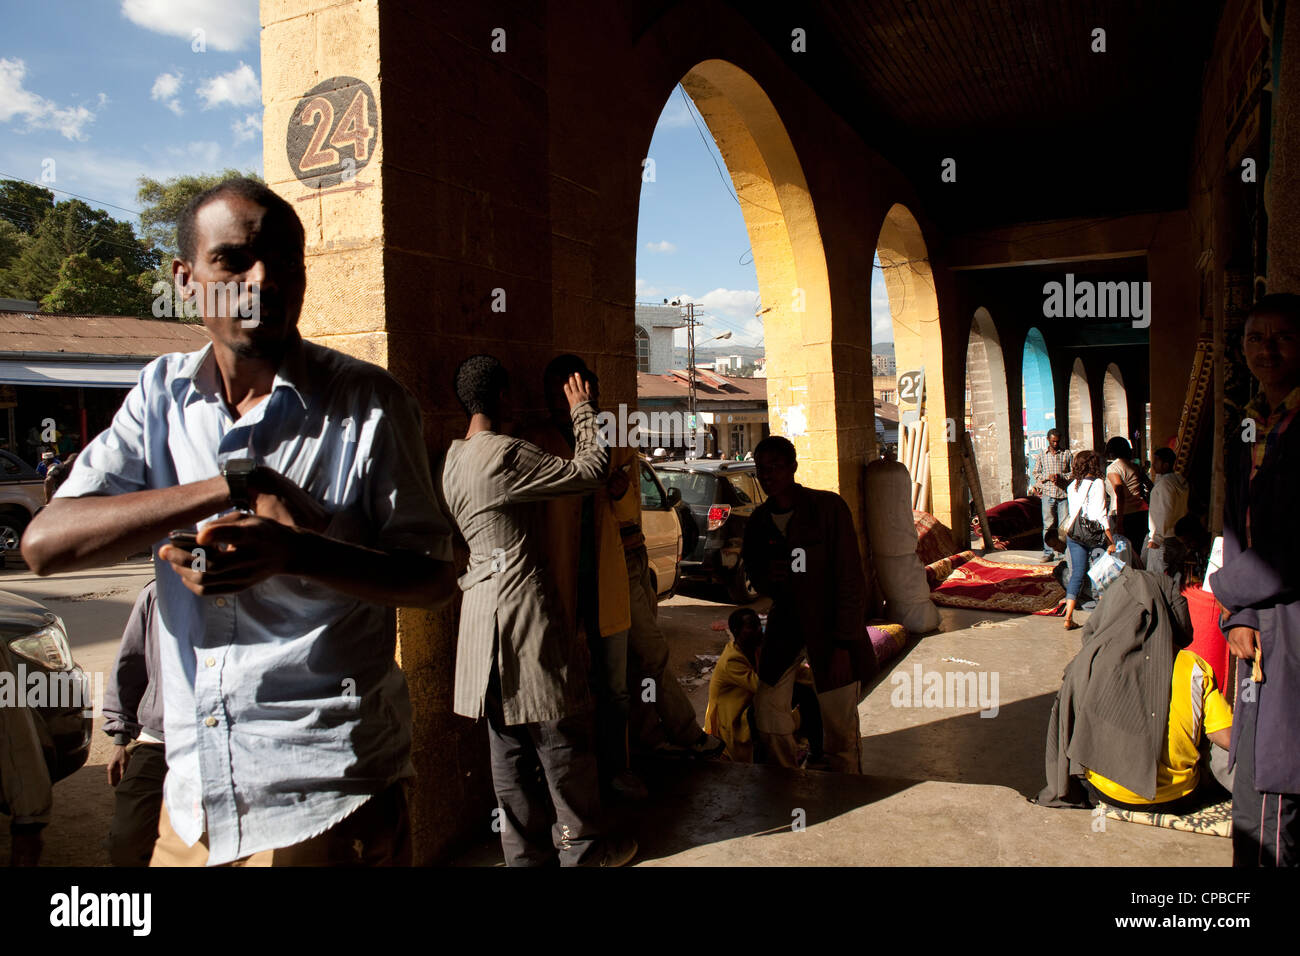 Merkato - Downtown Addis Ababa, Ethiopia. - Stock Image